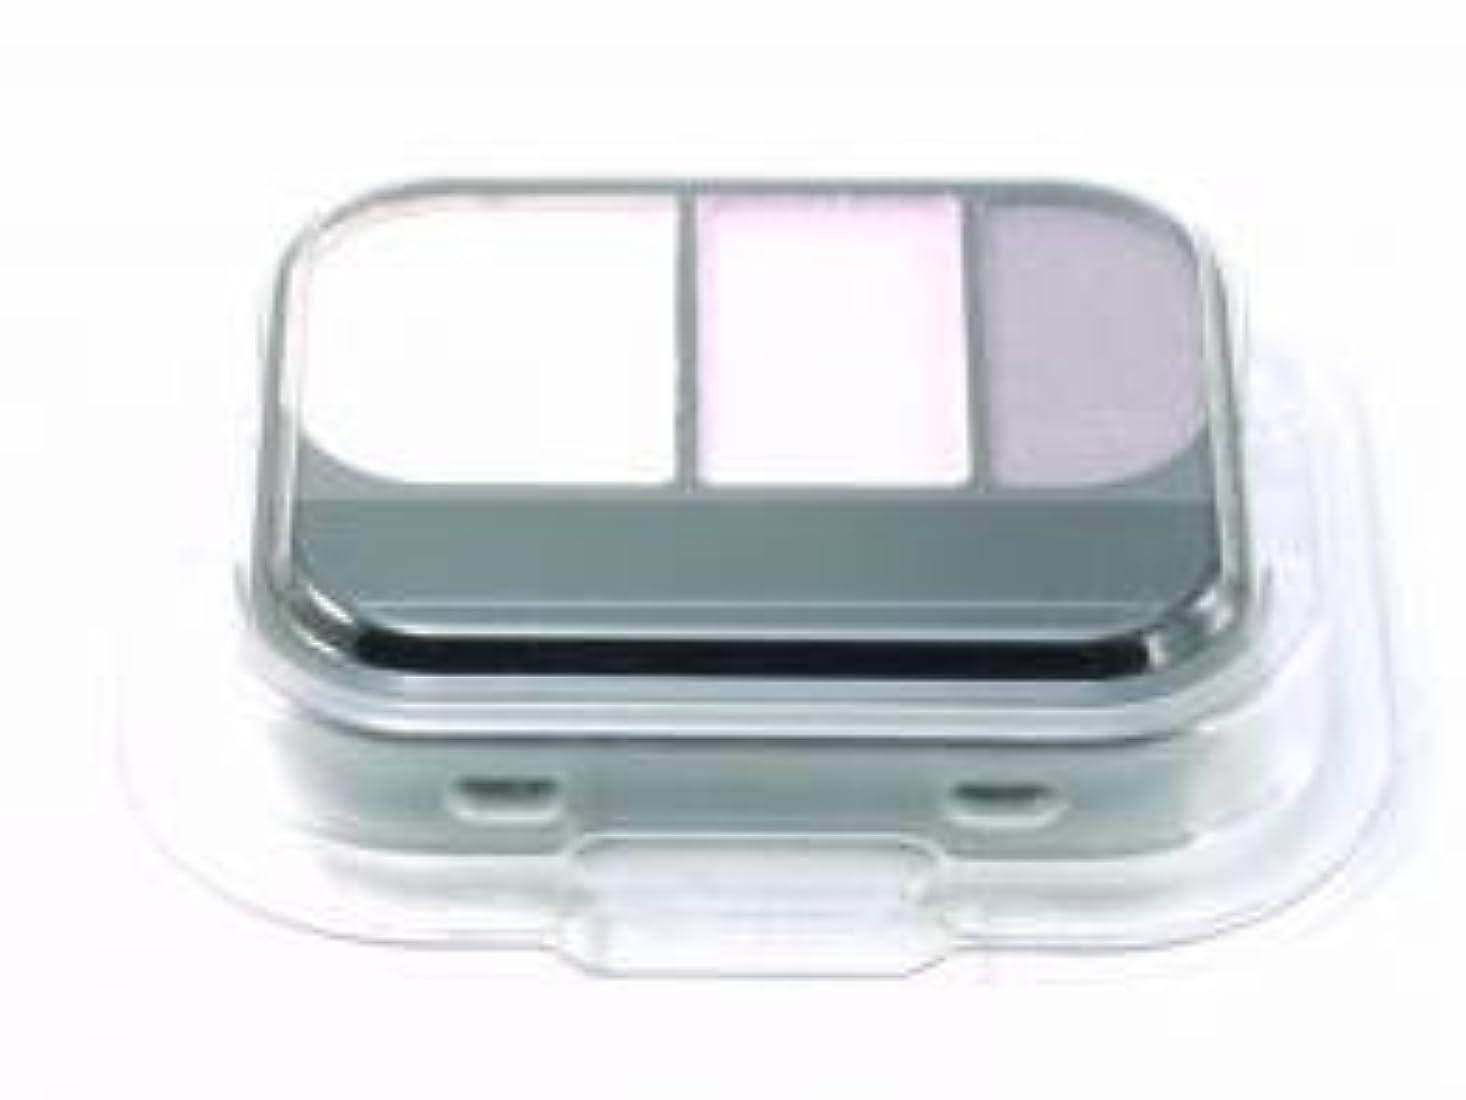 くるくる理解する同様にアイビー化粧品 エレガンス アイカラーカートリッジ PK-100